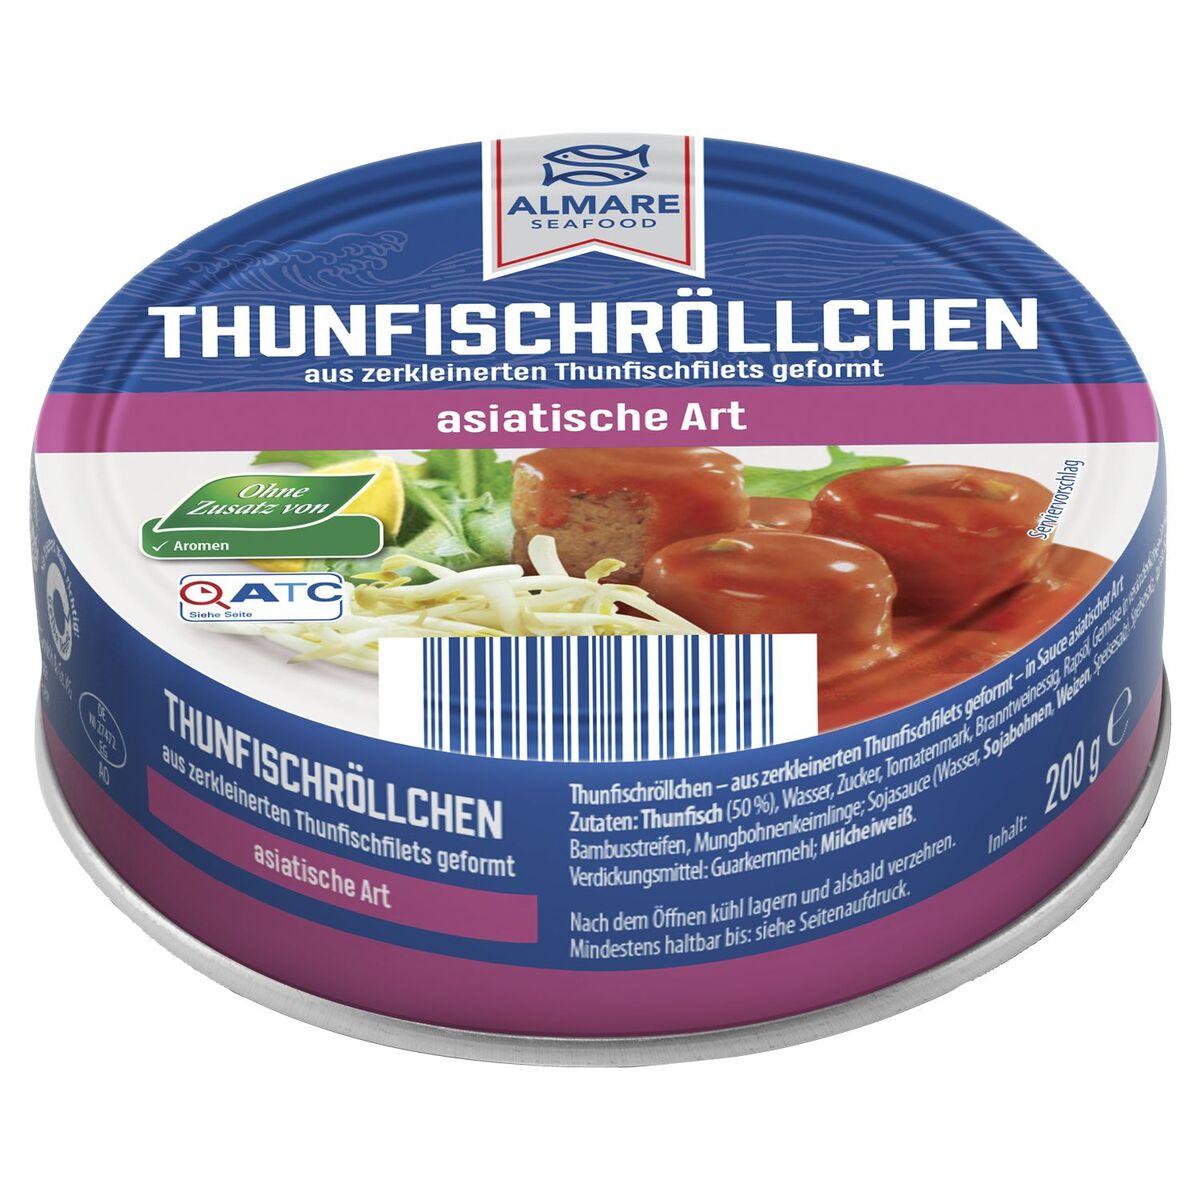 Bild 2 von ALMARE Thunfisch Röllchen 200 g